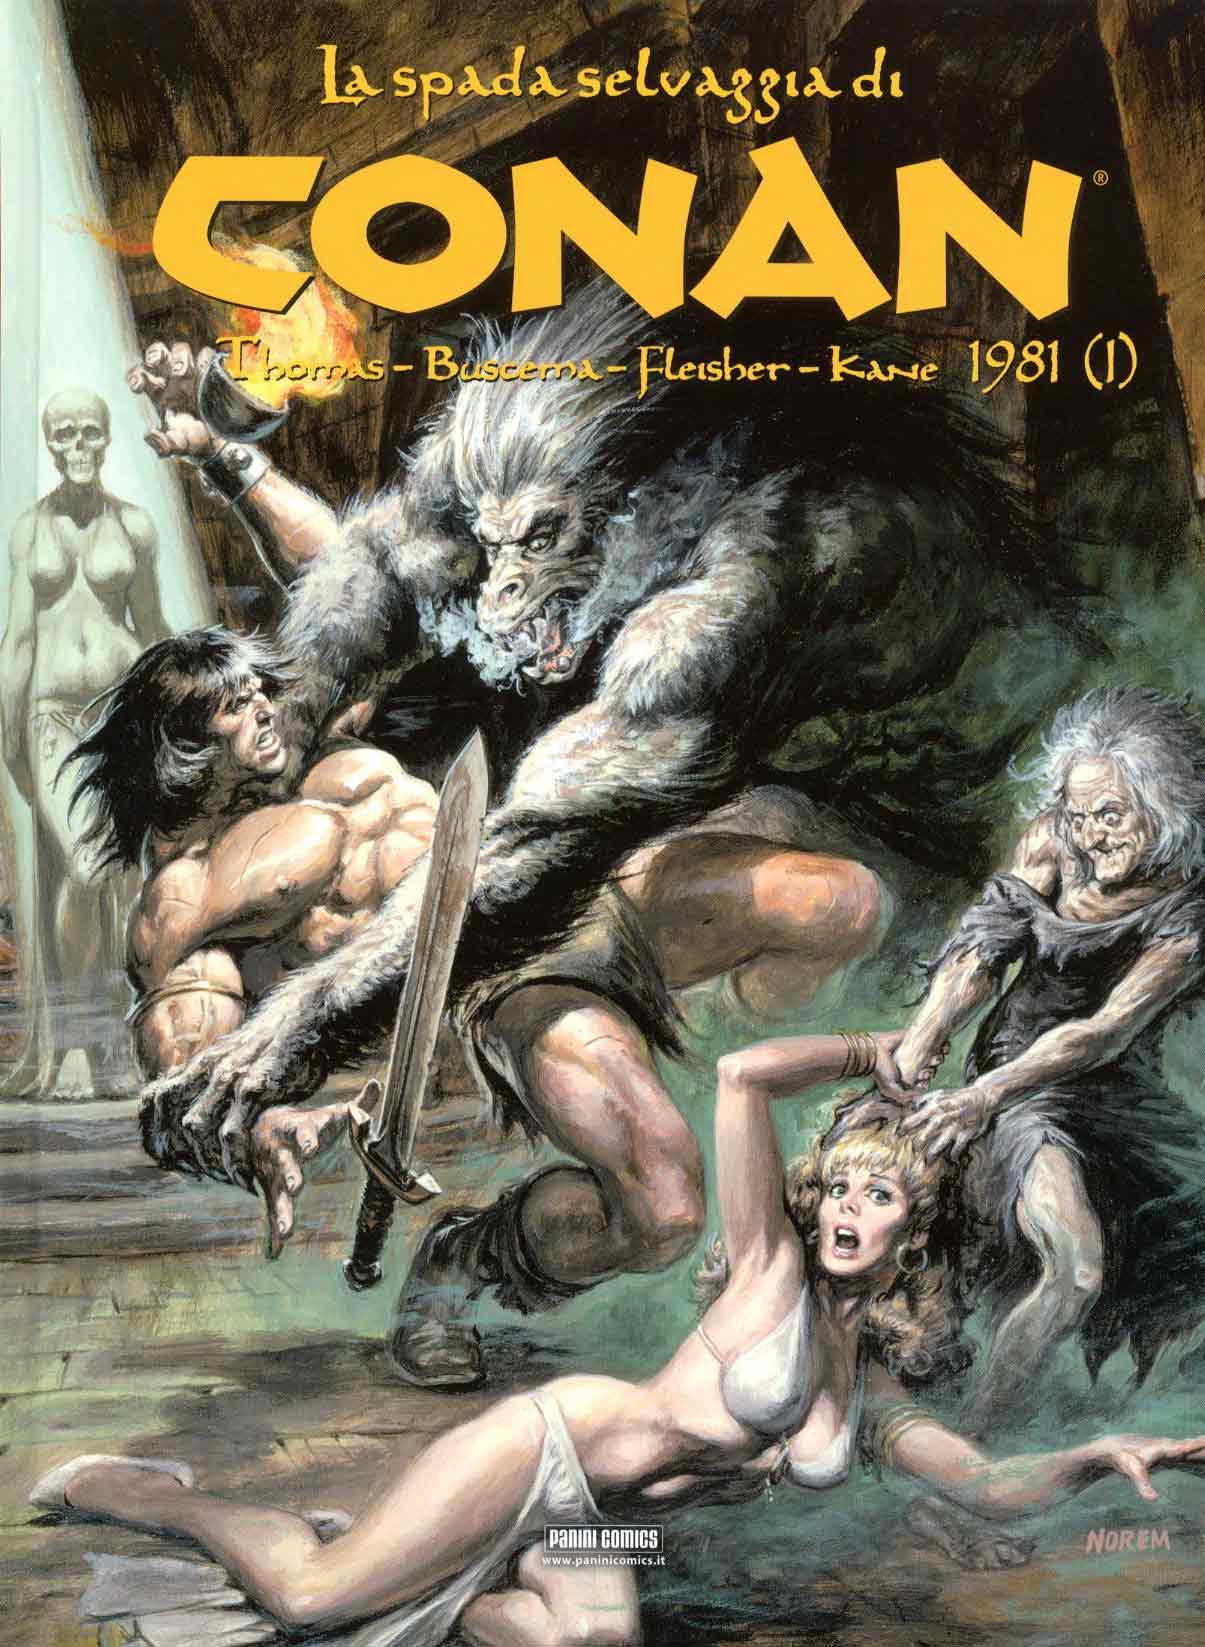 La spada selvaggia di Conan Vol. 11